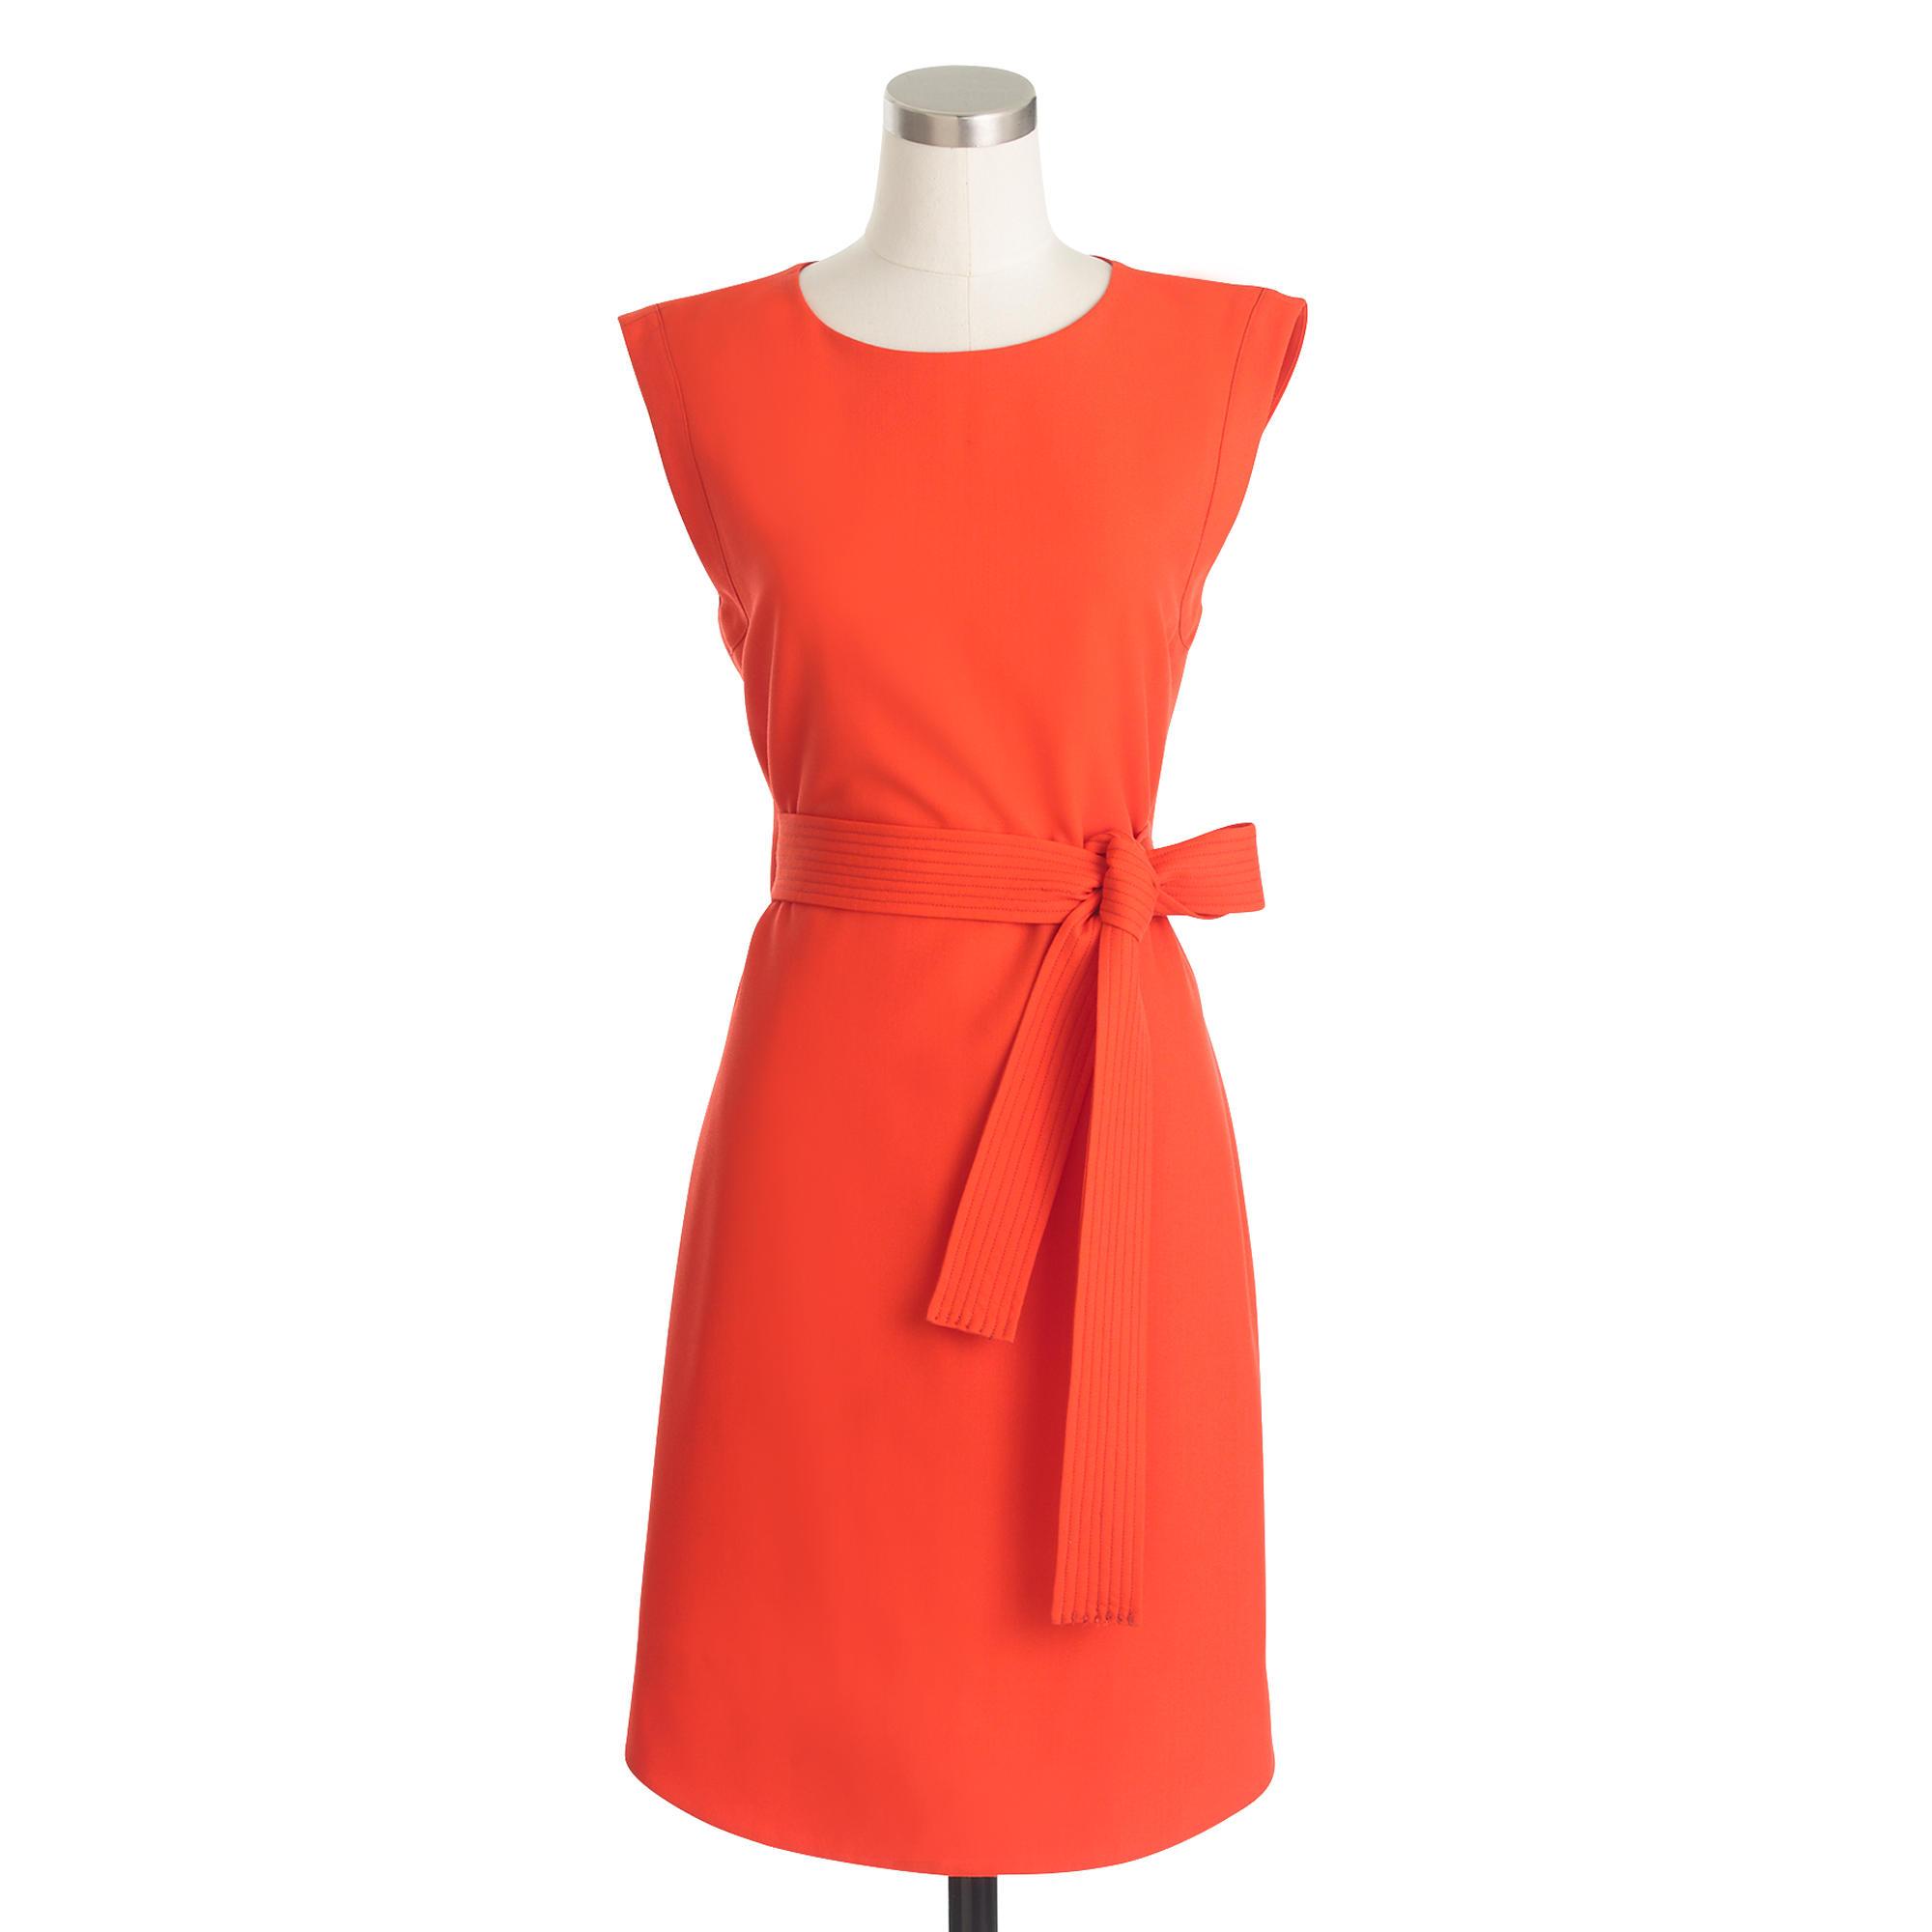 j crew sleeveless belted dress in italian wool